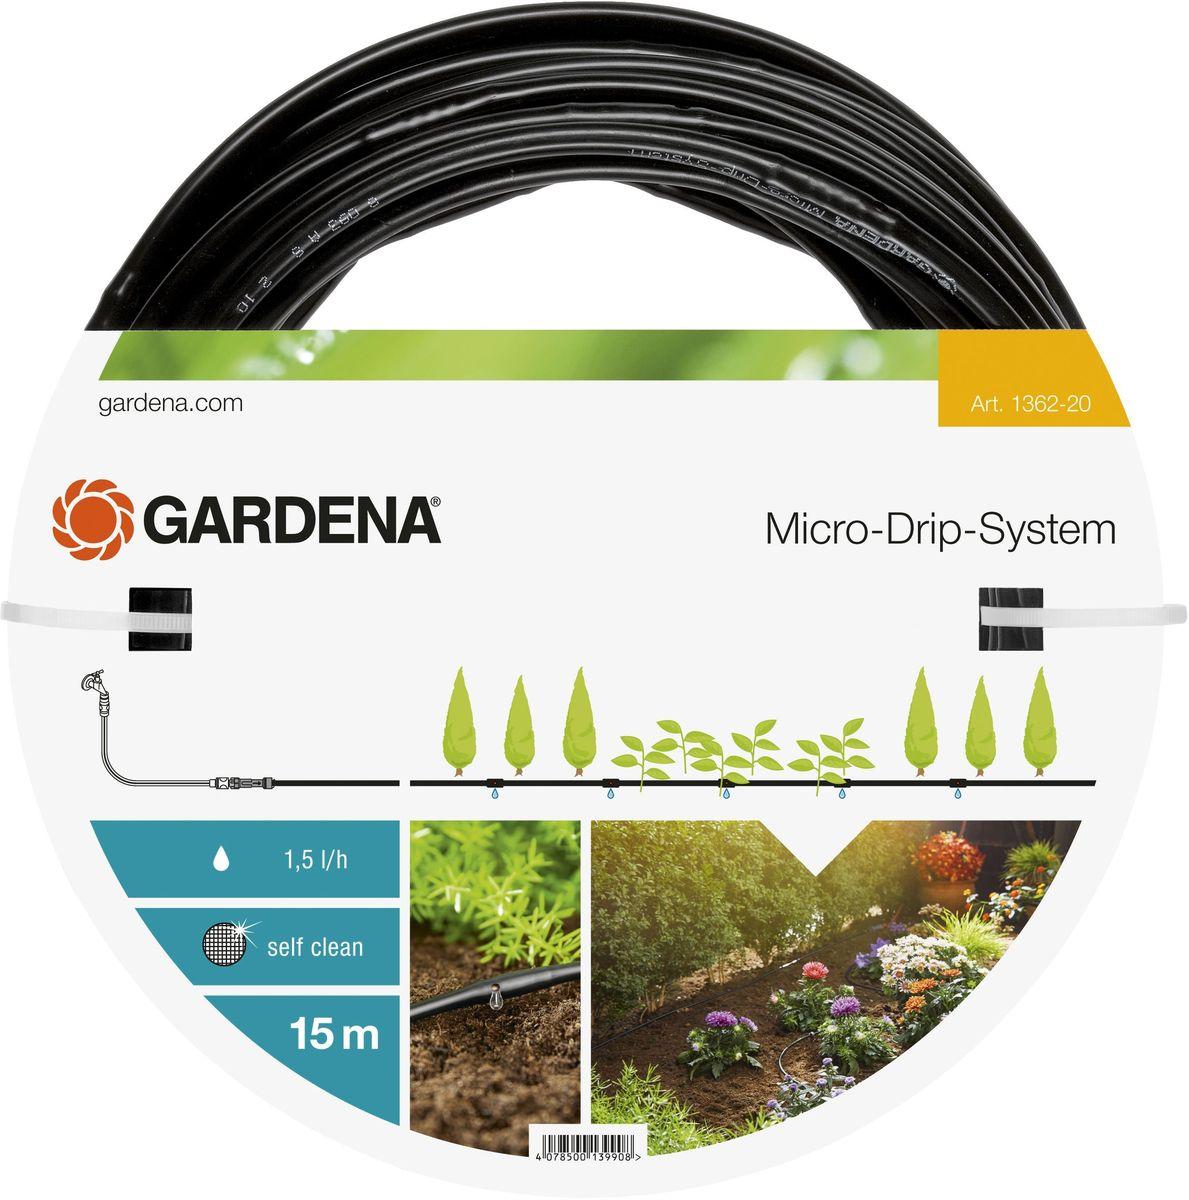 Шланг Gardena, сочащийся, для наземной прокладки, 4,6 мм (3/16), длина 15 м01362-20.000.00Шланг сочащийся Gardena предназначен для полива небольших участков с цветами или овощами, а также для полива посаженных в ряд растений. Расстояние между отверстиями составляет 30 см. Каждая капельница обеспечивает бережный полив с расходом воды 1,5 л/ч. Благодаря использованию инновационной лабиринтной технологии, капельницы являются самоочищающимися. Благодаря небольшому диаметру 4,6 мм (3/16 дюйма) шланг характеризуется особой многофункциональностью и простотой монтажа. При помещении мастер-блока в центре с помощью такого шланга можно увеличить длину базового комплекта, максимальная длина шланга при этом составит 30 м.Шланг сочащийся имеет длину 15 м и поставляется без соединительных элементов.